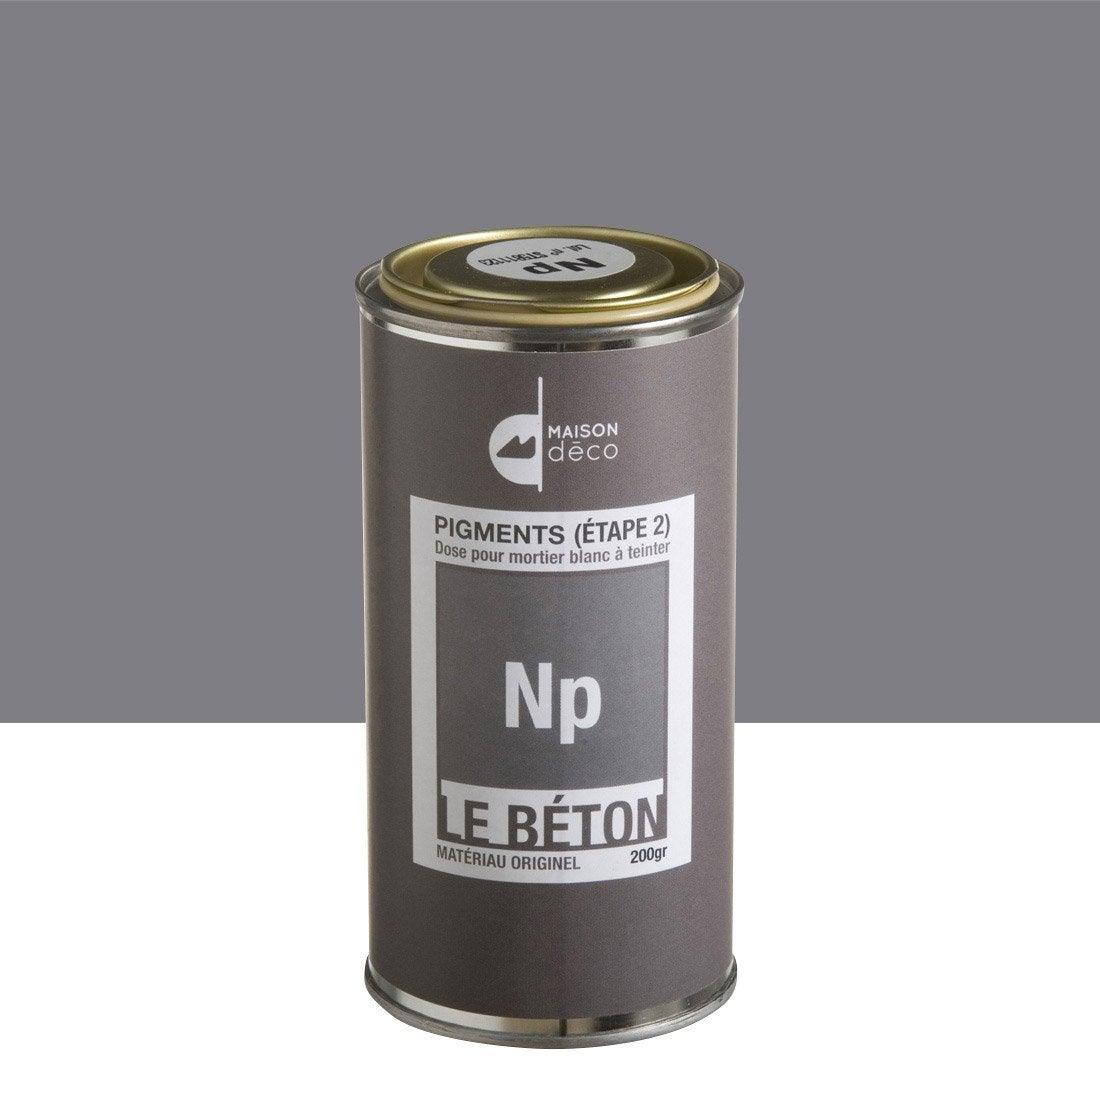 Peinture effet pigment le b ton maison deco np 0 2 kg leroy merlin for Peinture terrasse beton v